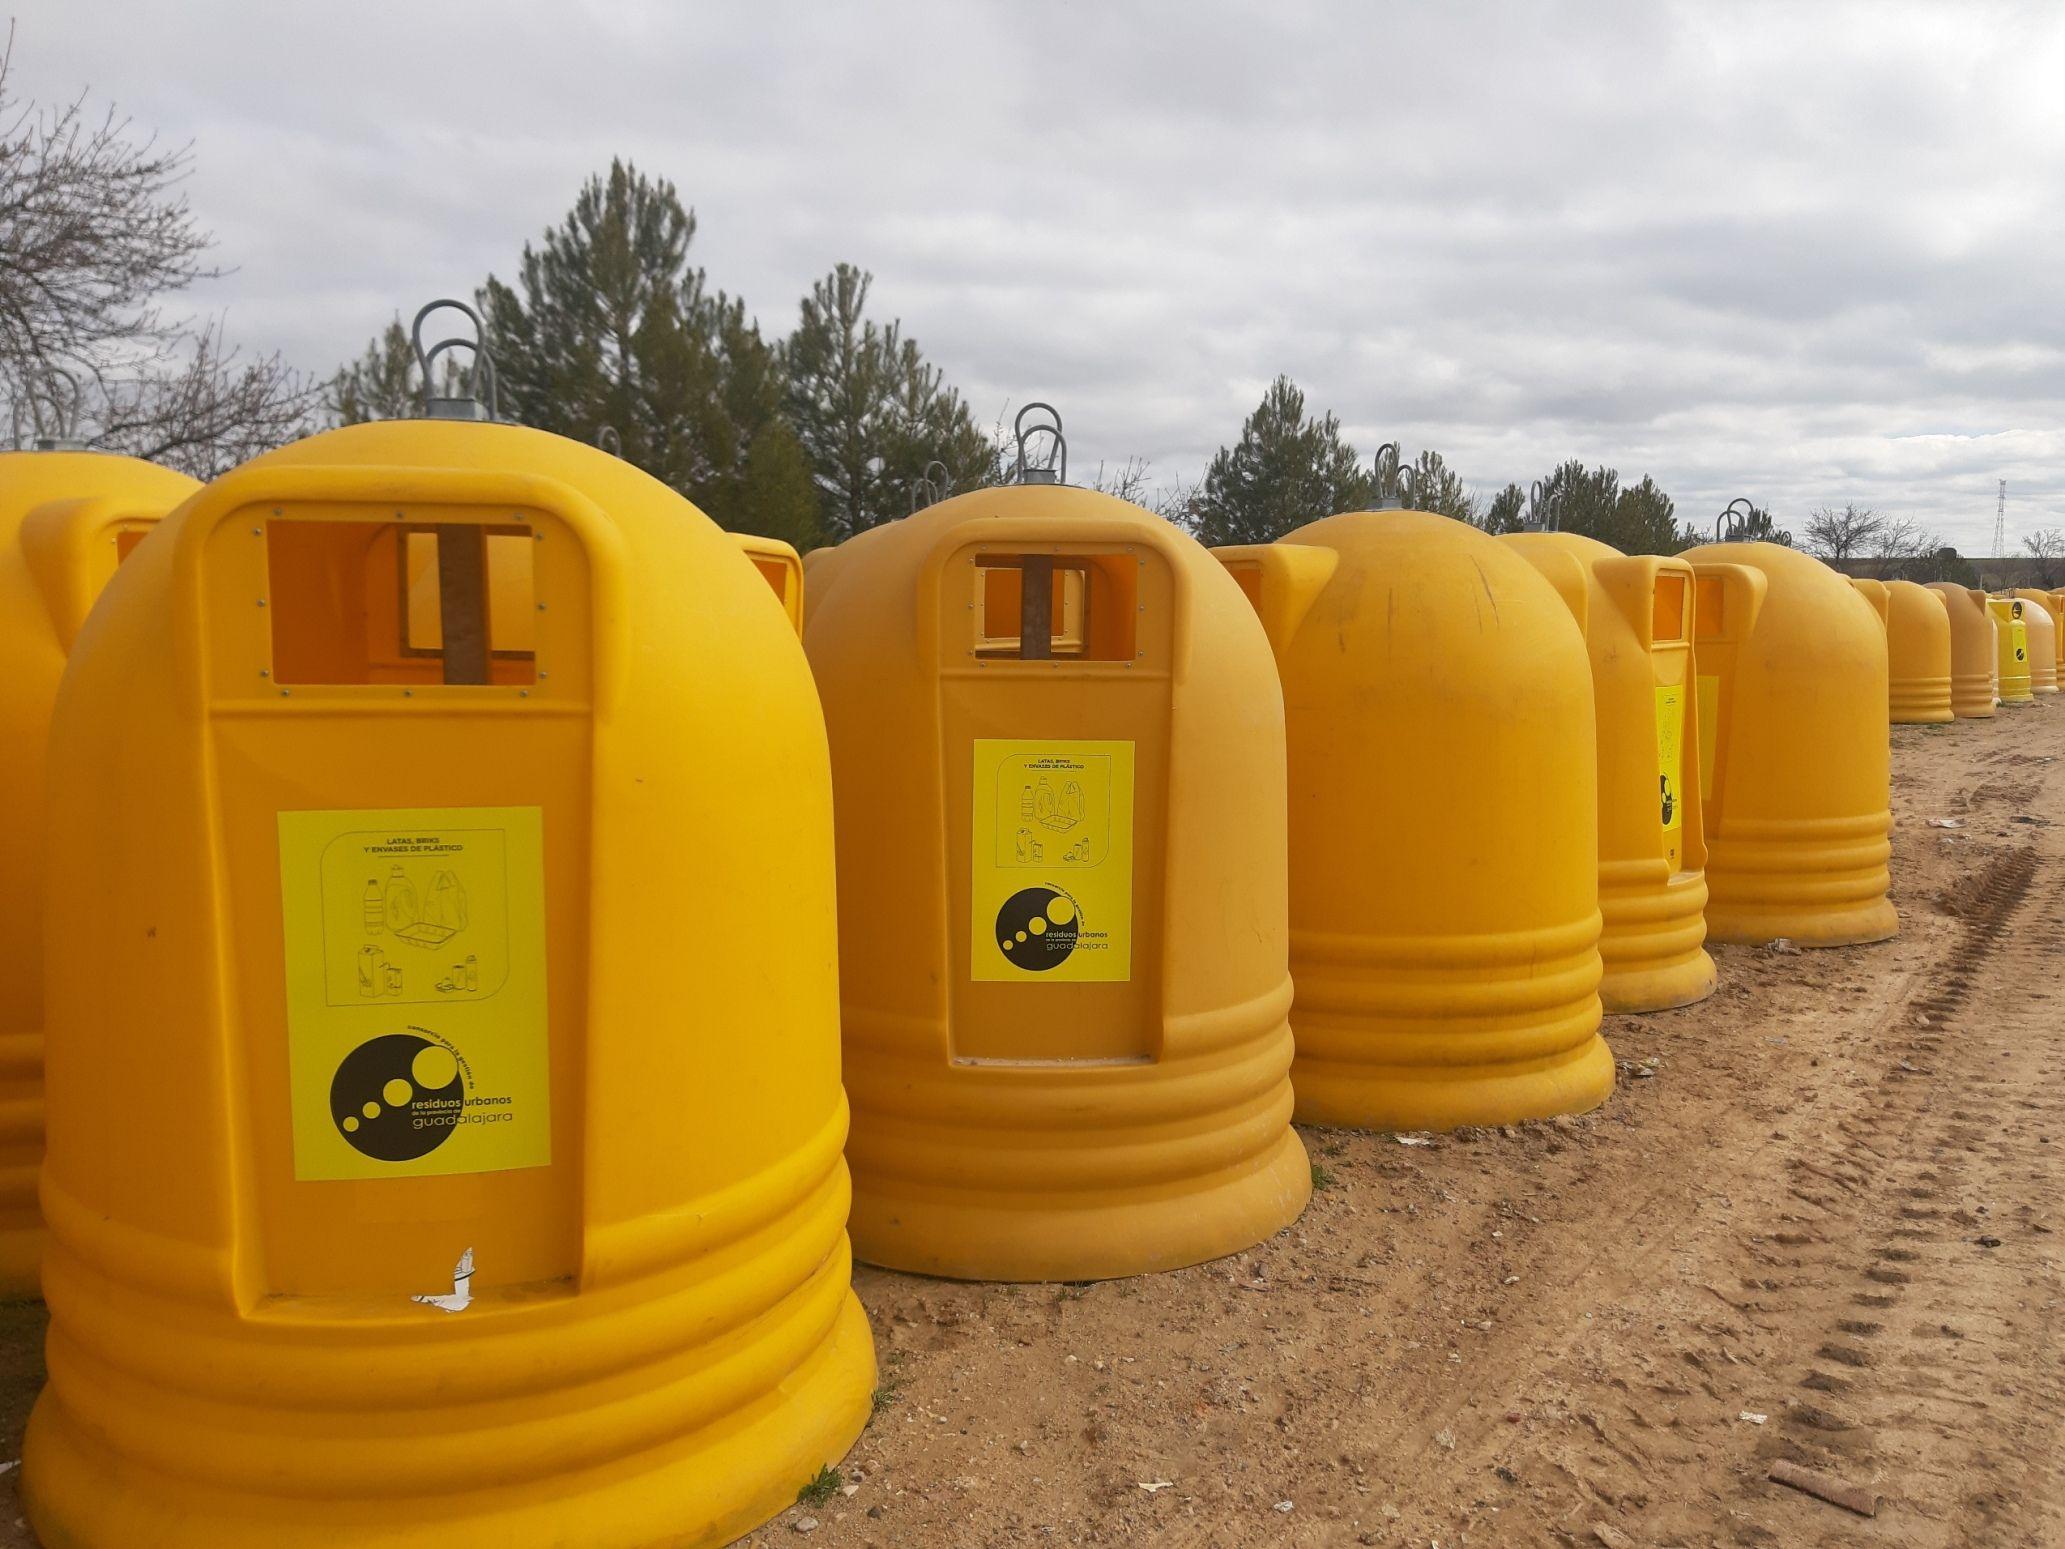 La recogida selectiva de envases en el Consorcio de Residuos crece un 67% en los últimos tres años